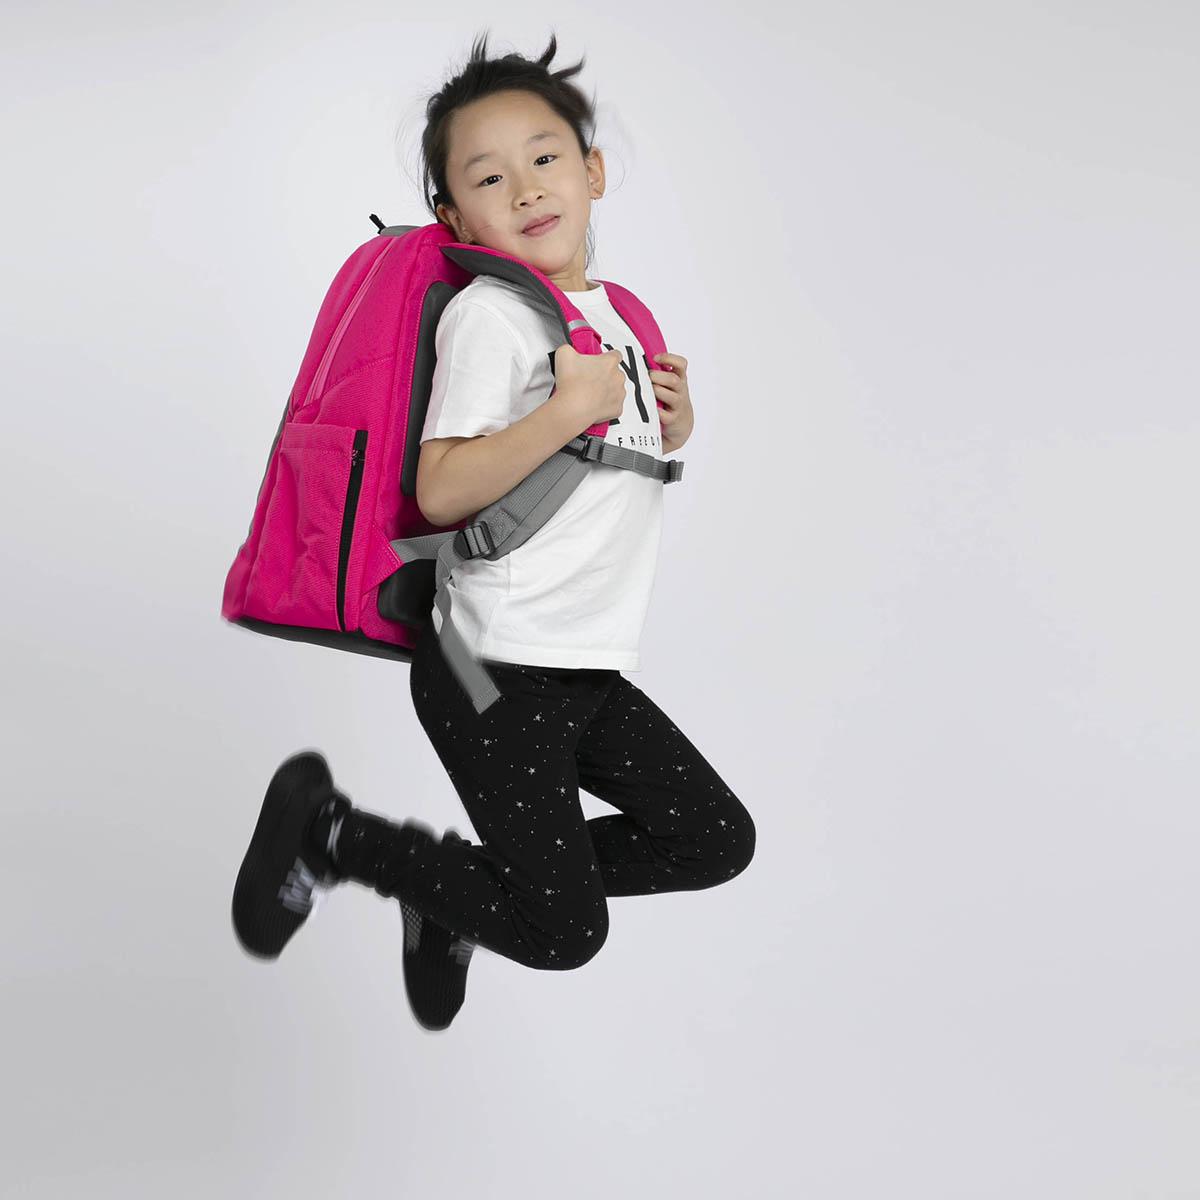 為了細路,數位不同專業範疇的香港家長走在一起,創立書包品牌KAGS。無他,孩子的健康和快樂,永遠是父母心目中的第一位!